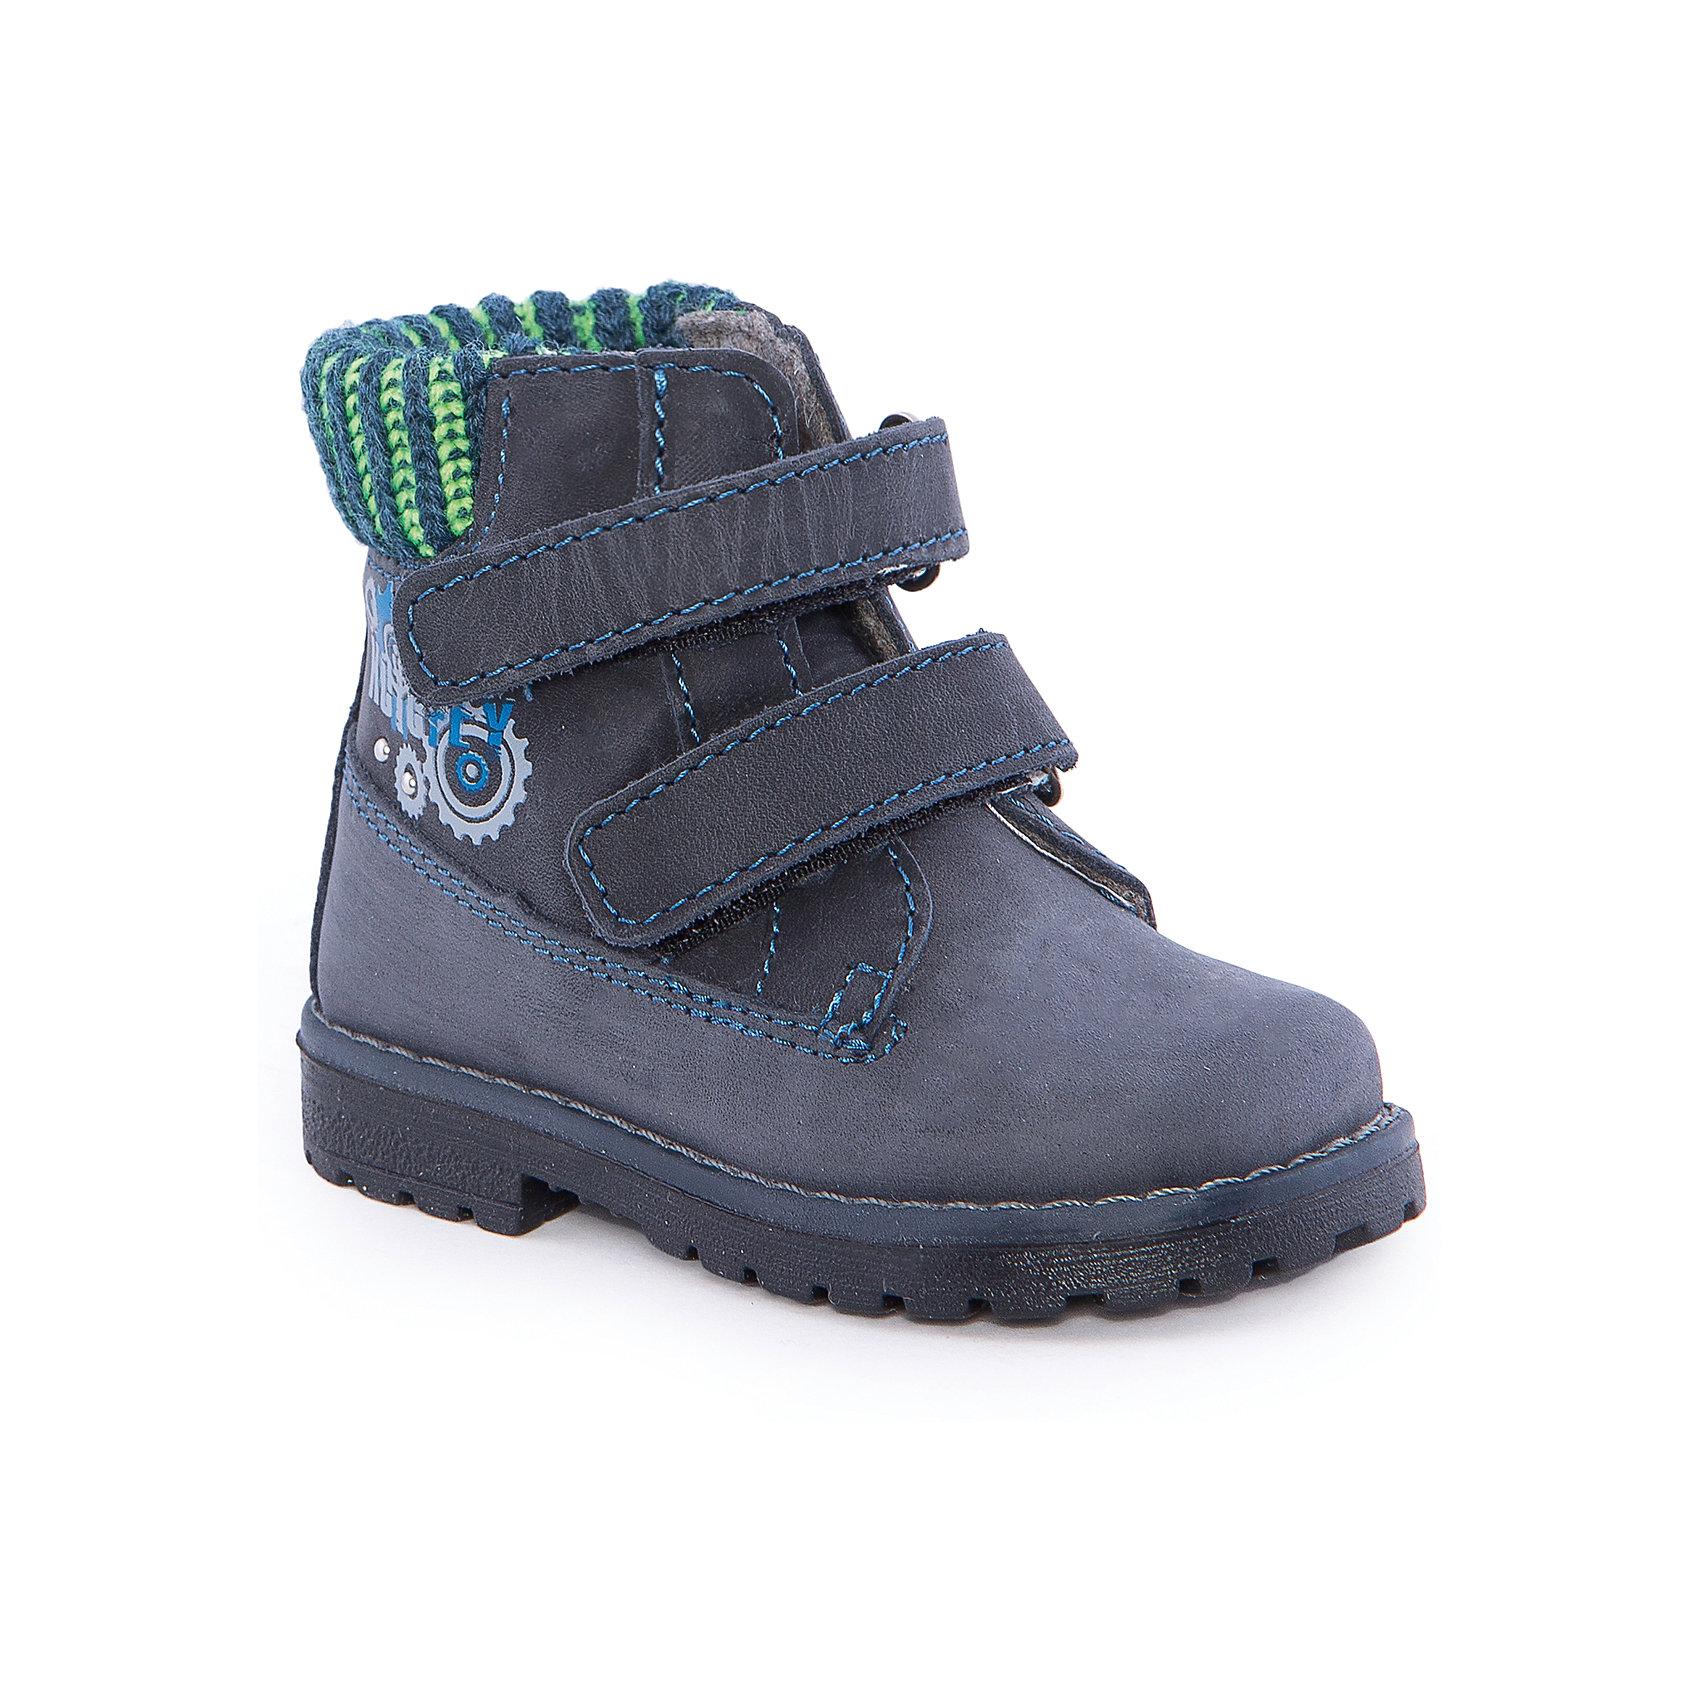 Ботинки для мальчика КотофейБотинки для мальчика от известного российского бренда Котофей <br><br>Модные и удобные ботинки изготовлены из натуральной кожи, выполнены в синем цвете. <br>Верх сделан из материала, обеспечивающего воздухопроницаемость и вентиляцию ноги. Специальная подошва позволяет избегать скольжения практически на любой поверхности.<br><br>Особенности модели:<br><br>- цвет: синий;<br>- устойчивая подошва;<br>- декорированы принтом;<br>- застежка: липучка;<br>- вид крепления обуви: клеевой;<br>- анатомическая стелька;<br>- качественные материалы;<br>- модный дизайн.<br><br>Дополнительная информация:<br><br>Температурный режим: от +5° до +20°С.<br><br>Состав: <br><br>верх - натуральная кожа;<br>подкладка - байка;<br>подошва - ТЭП.<br><br>Ботинки для мальчика Котофей можно купить в нашем магазине.<br><br>Ширина мм: 262<br>Глубина мм: 176<br>Высота мм: 97<br>Вес г: 427<br>Цвет: синий<br>Возраст от месяцев: 15<br>Возраст до месяцев: 18<br>Пол: Мужской<br>Возраст: Детский<br>Размер: 22,21,20<br>SKU: 4565576